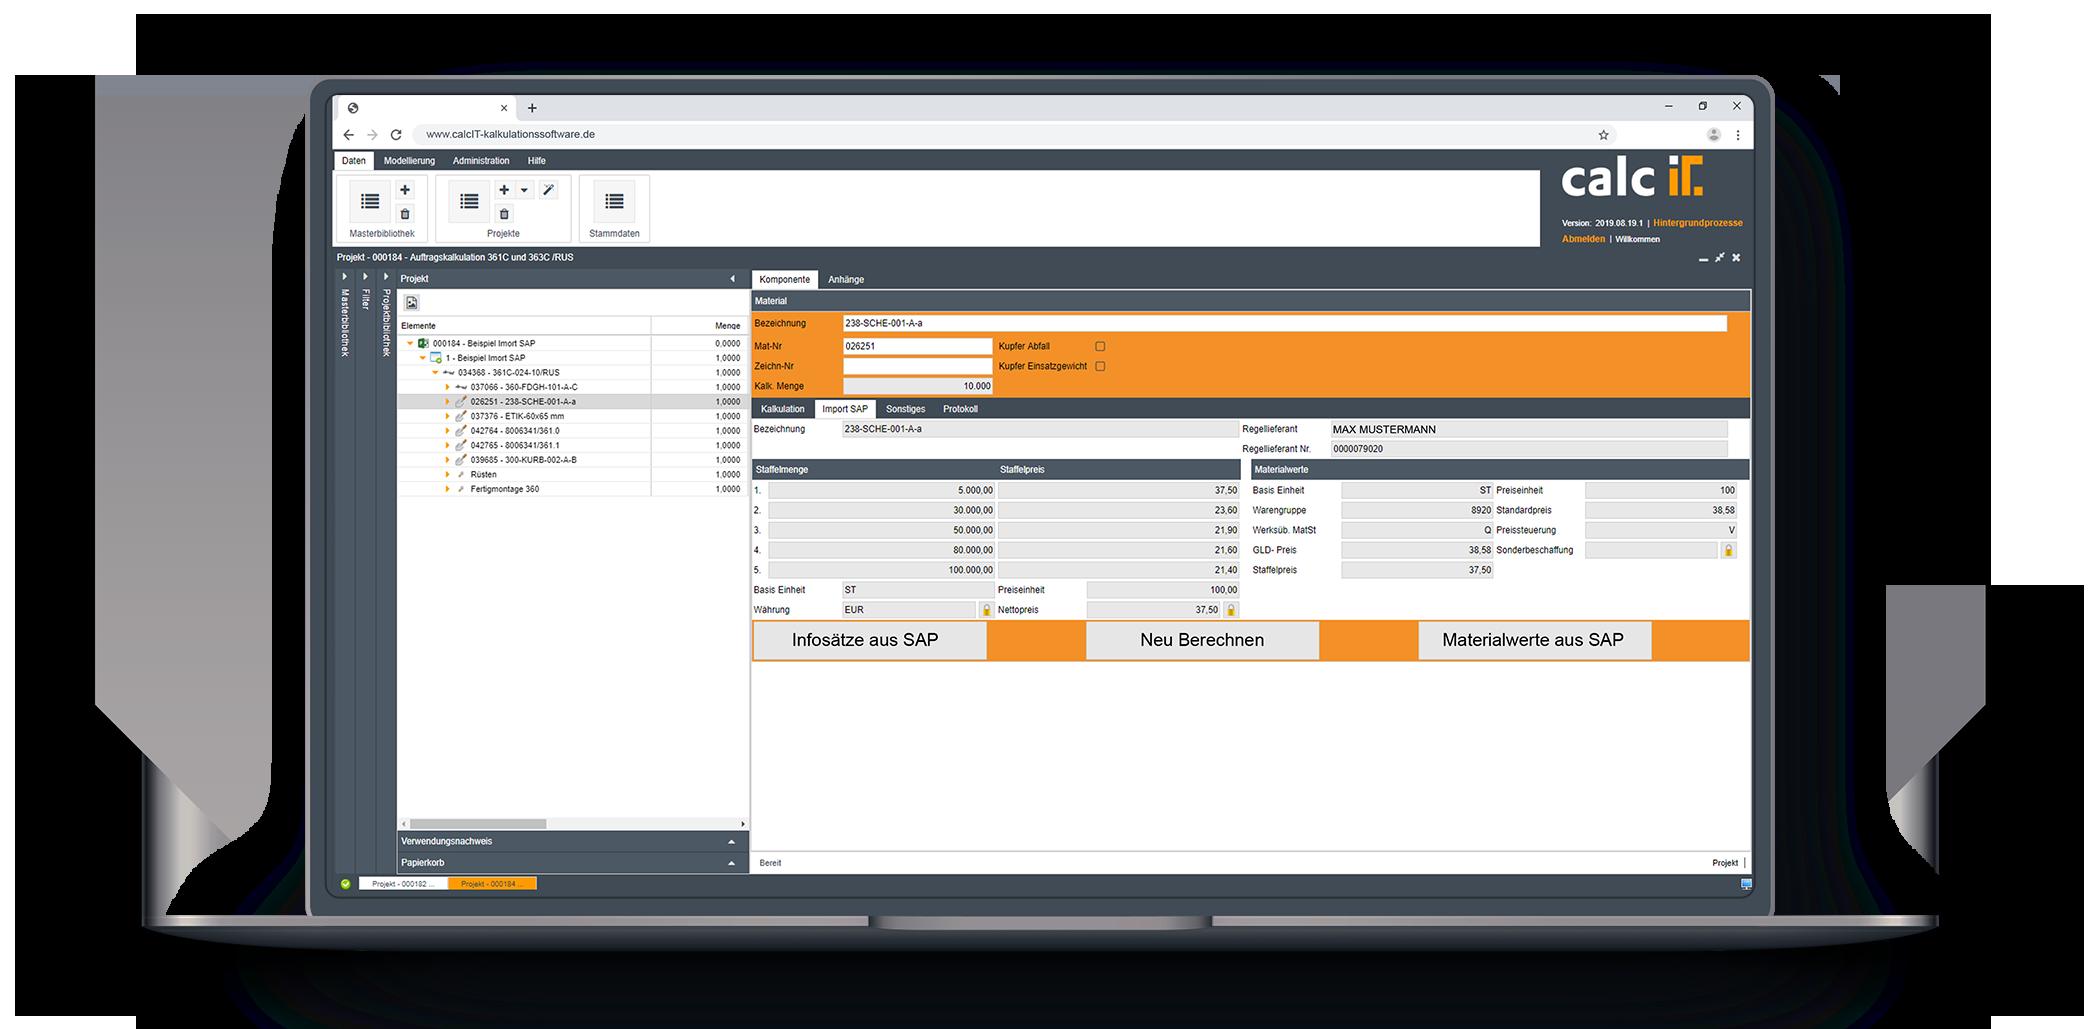 SAP Fiori - die intuitive Benutzeroberfläche im App-Design